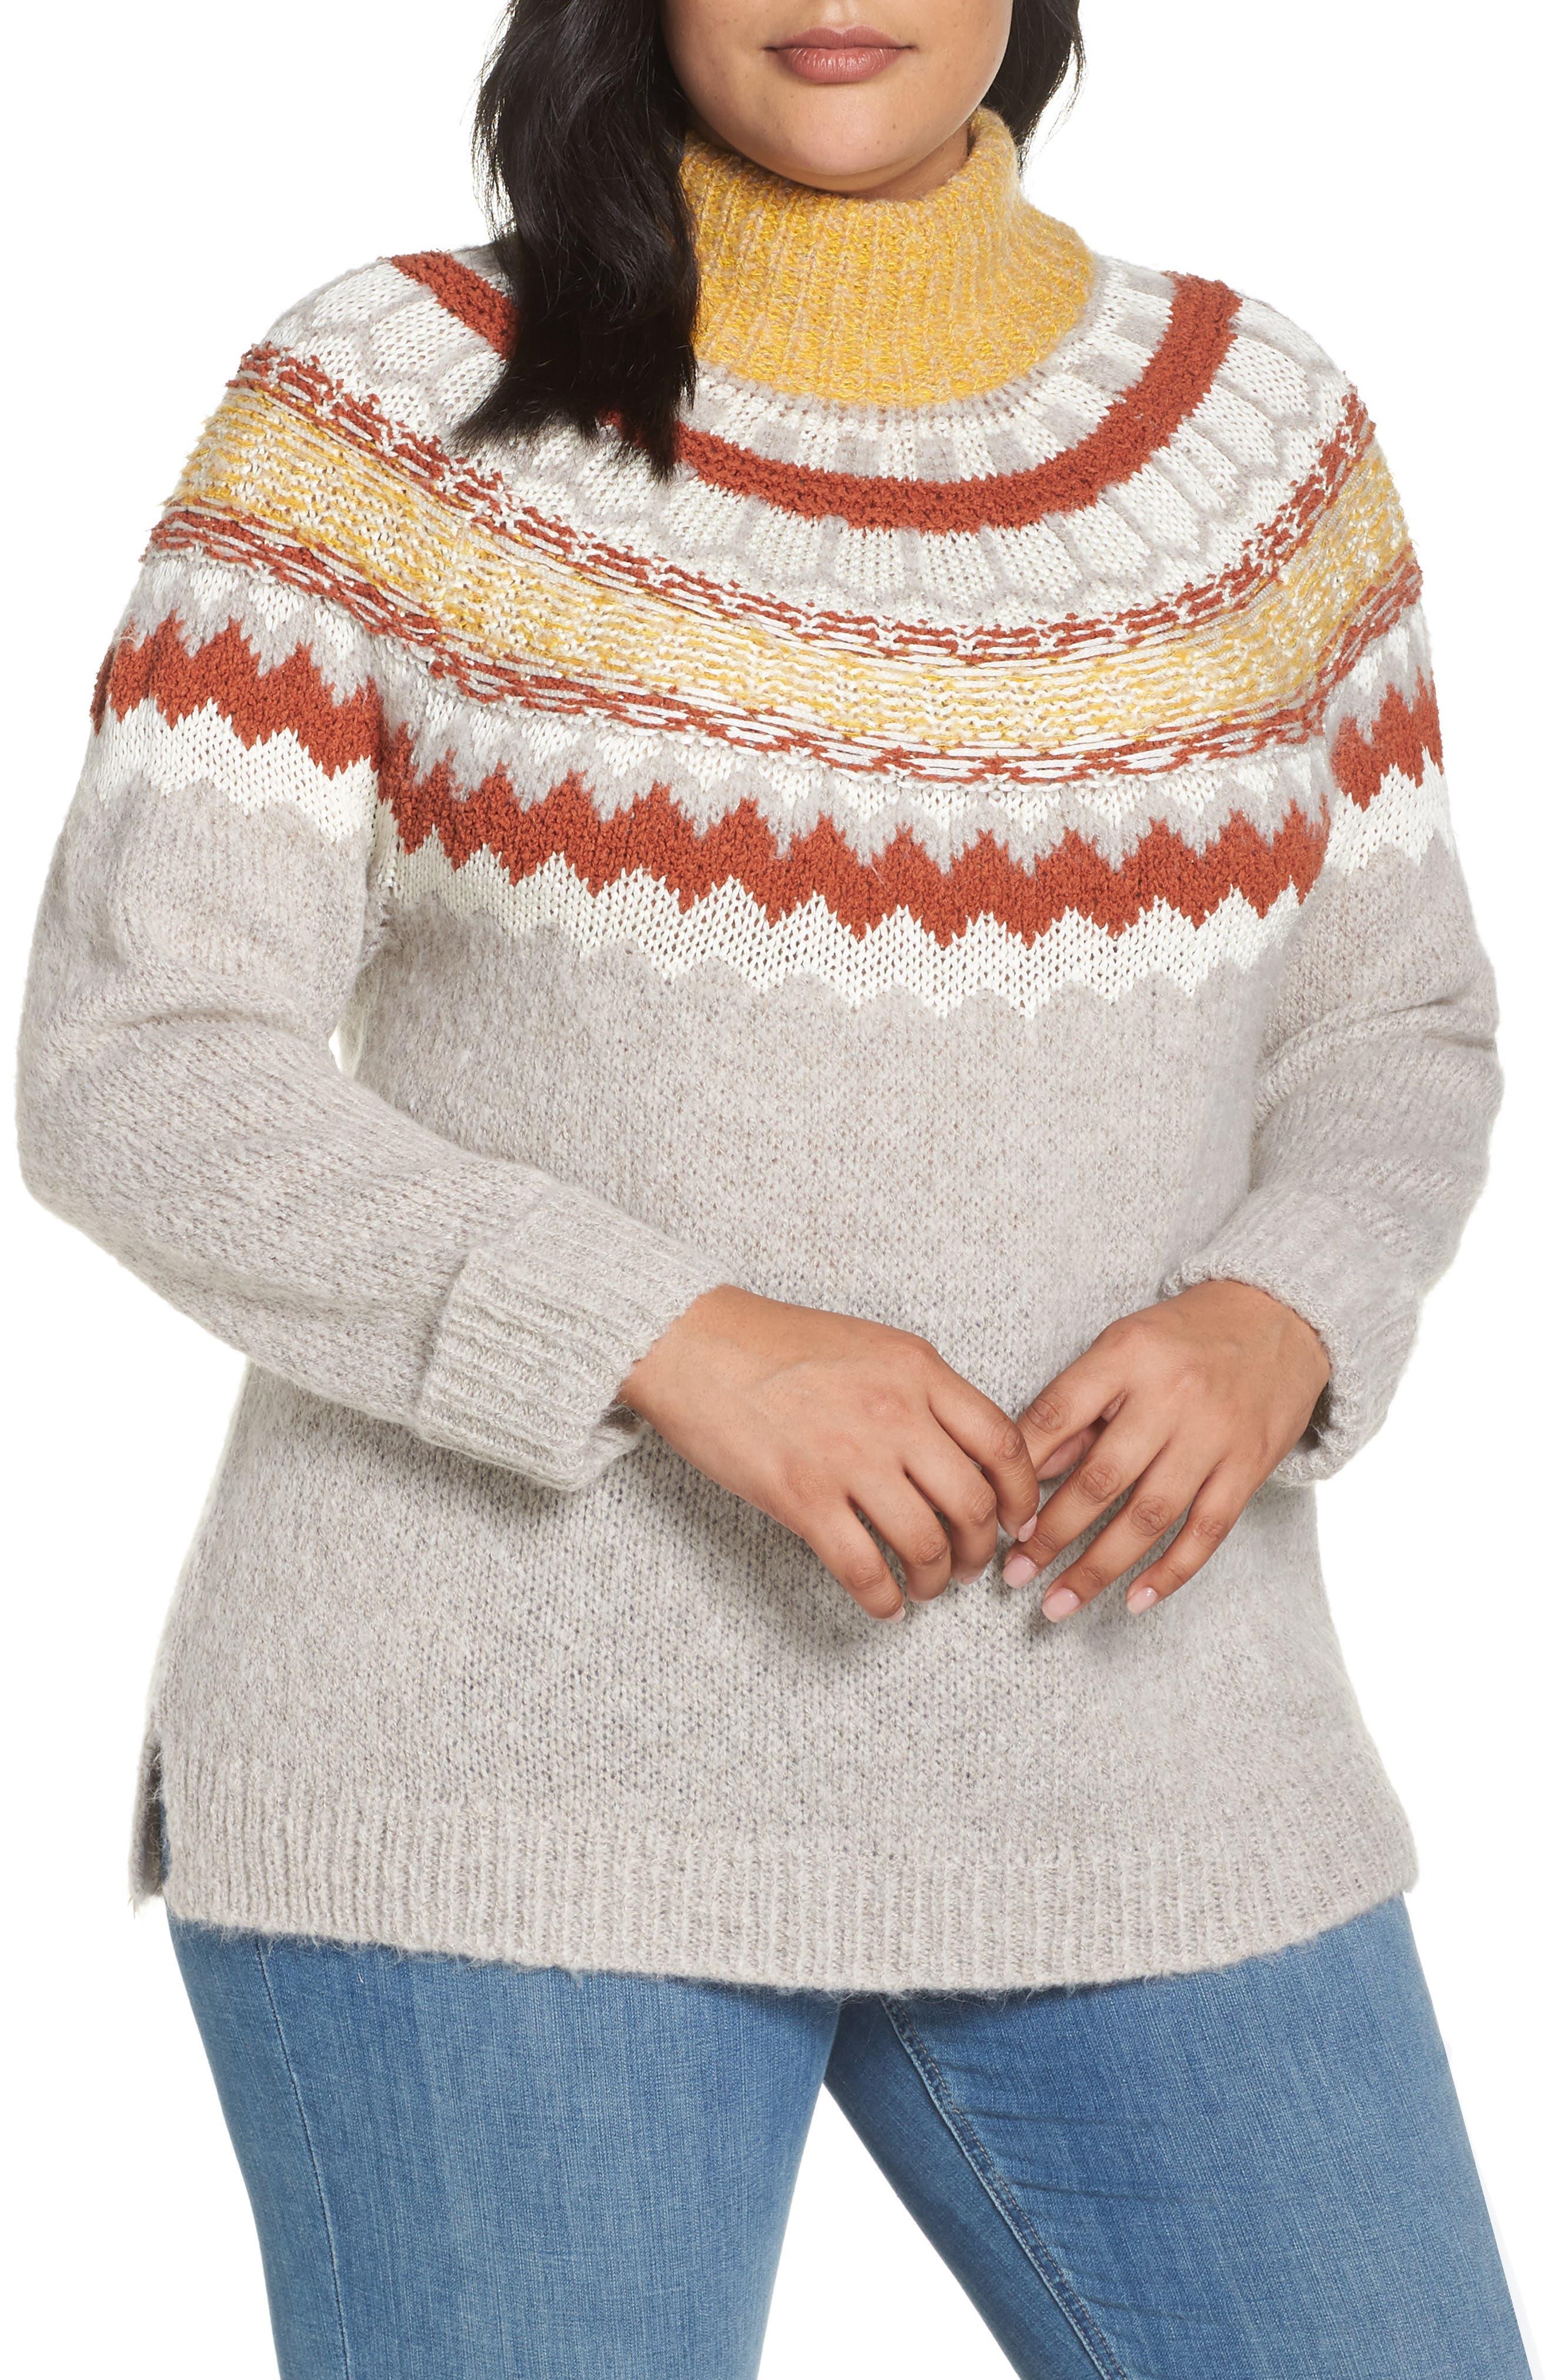 Chunky Jacquard Sweater,                             Main thumbnail 1, color,                             TAN COBBLESTONE FOLIAGE PTN